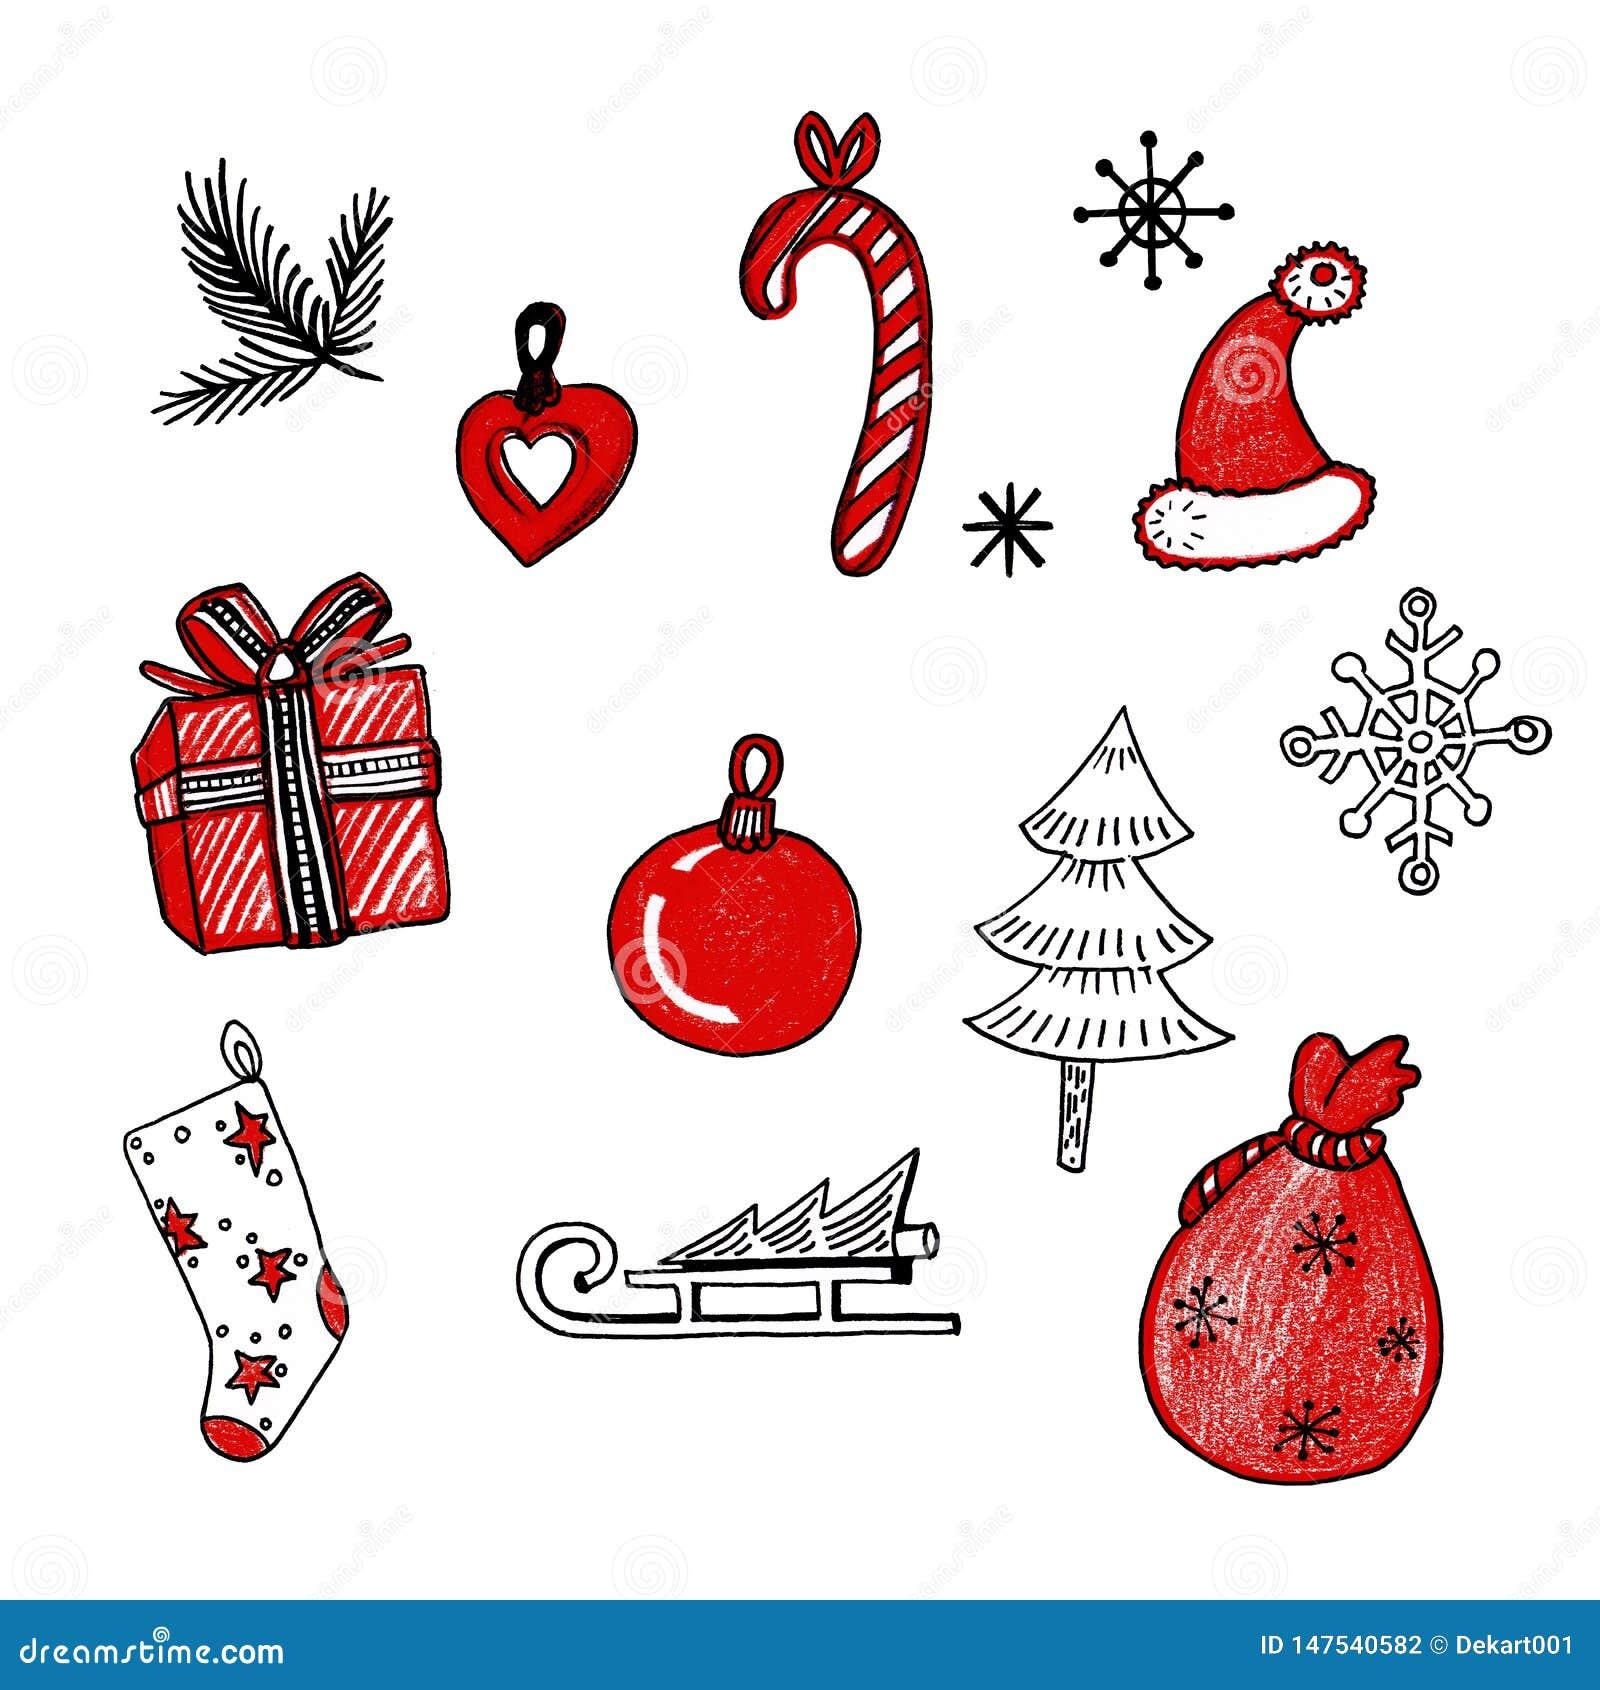 Nowego Roku doodle r?ki rysowa? ikony ustawia? Gałąź, sanie, skarpeta, torba, zabawki, nakrętka, drzewo, płatek śniegu, prezent n